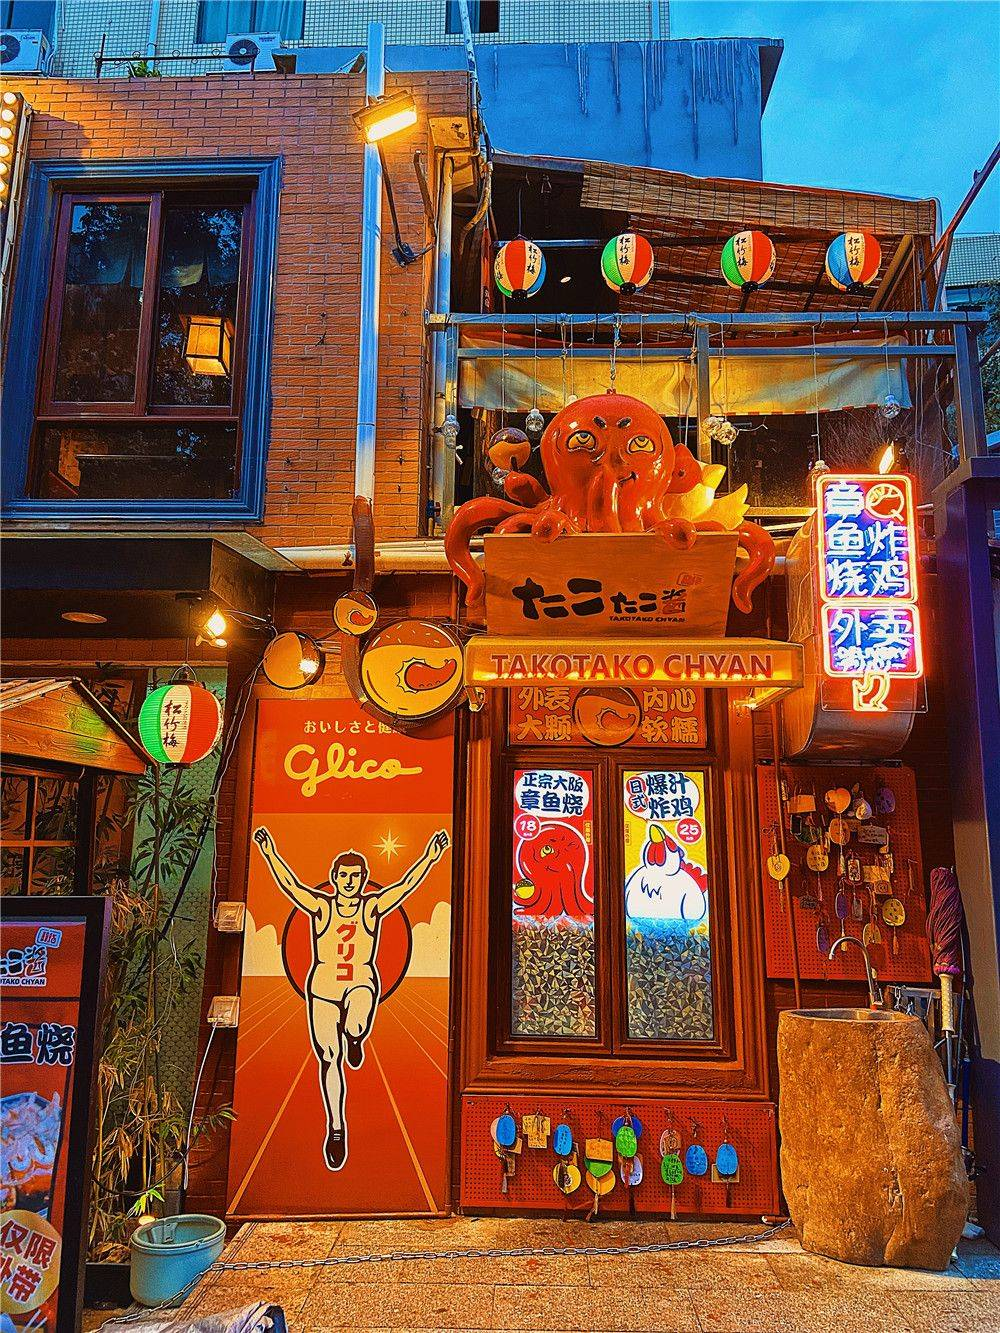 原创             广州首条岭南文化涂鸦街,旧街大翻新,最新网红打卡地